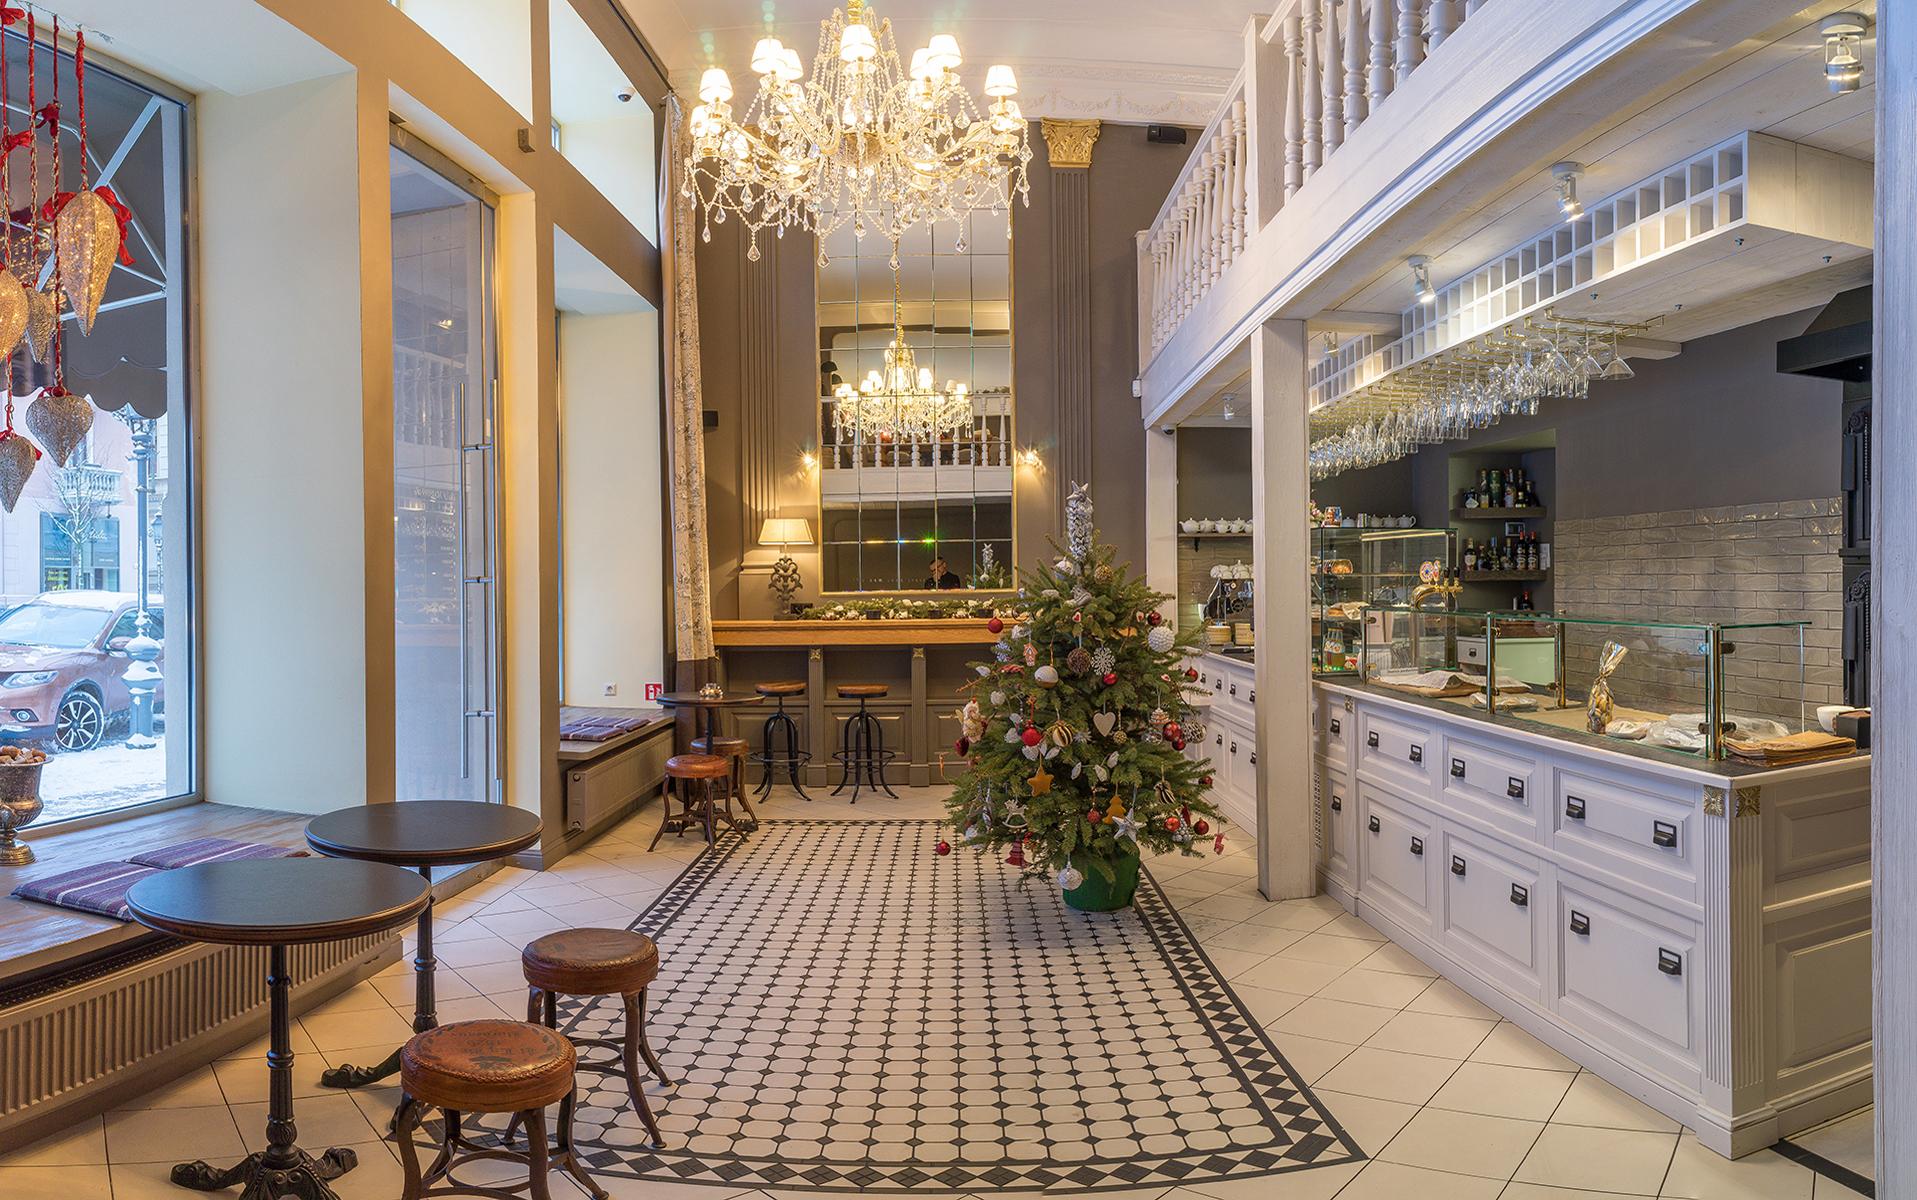 La maison du croissant by innexus interiors design for La maison maison